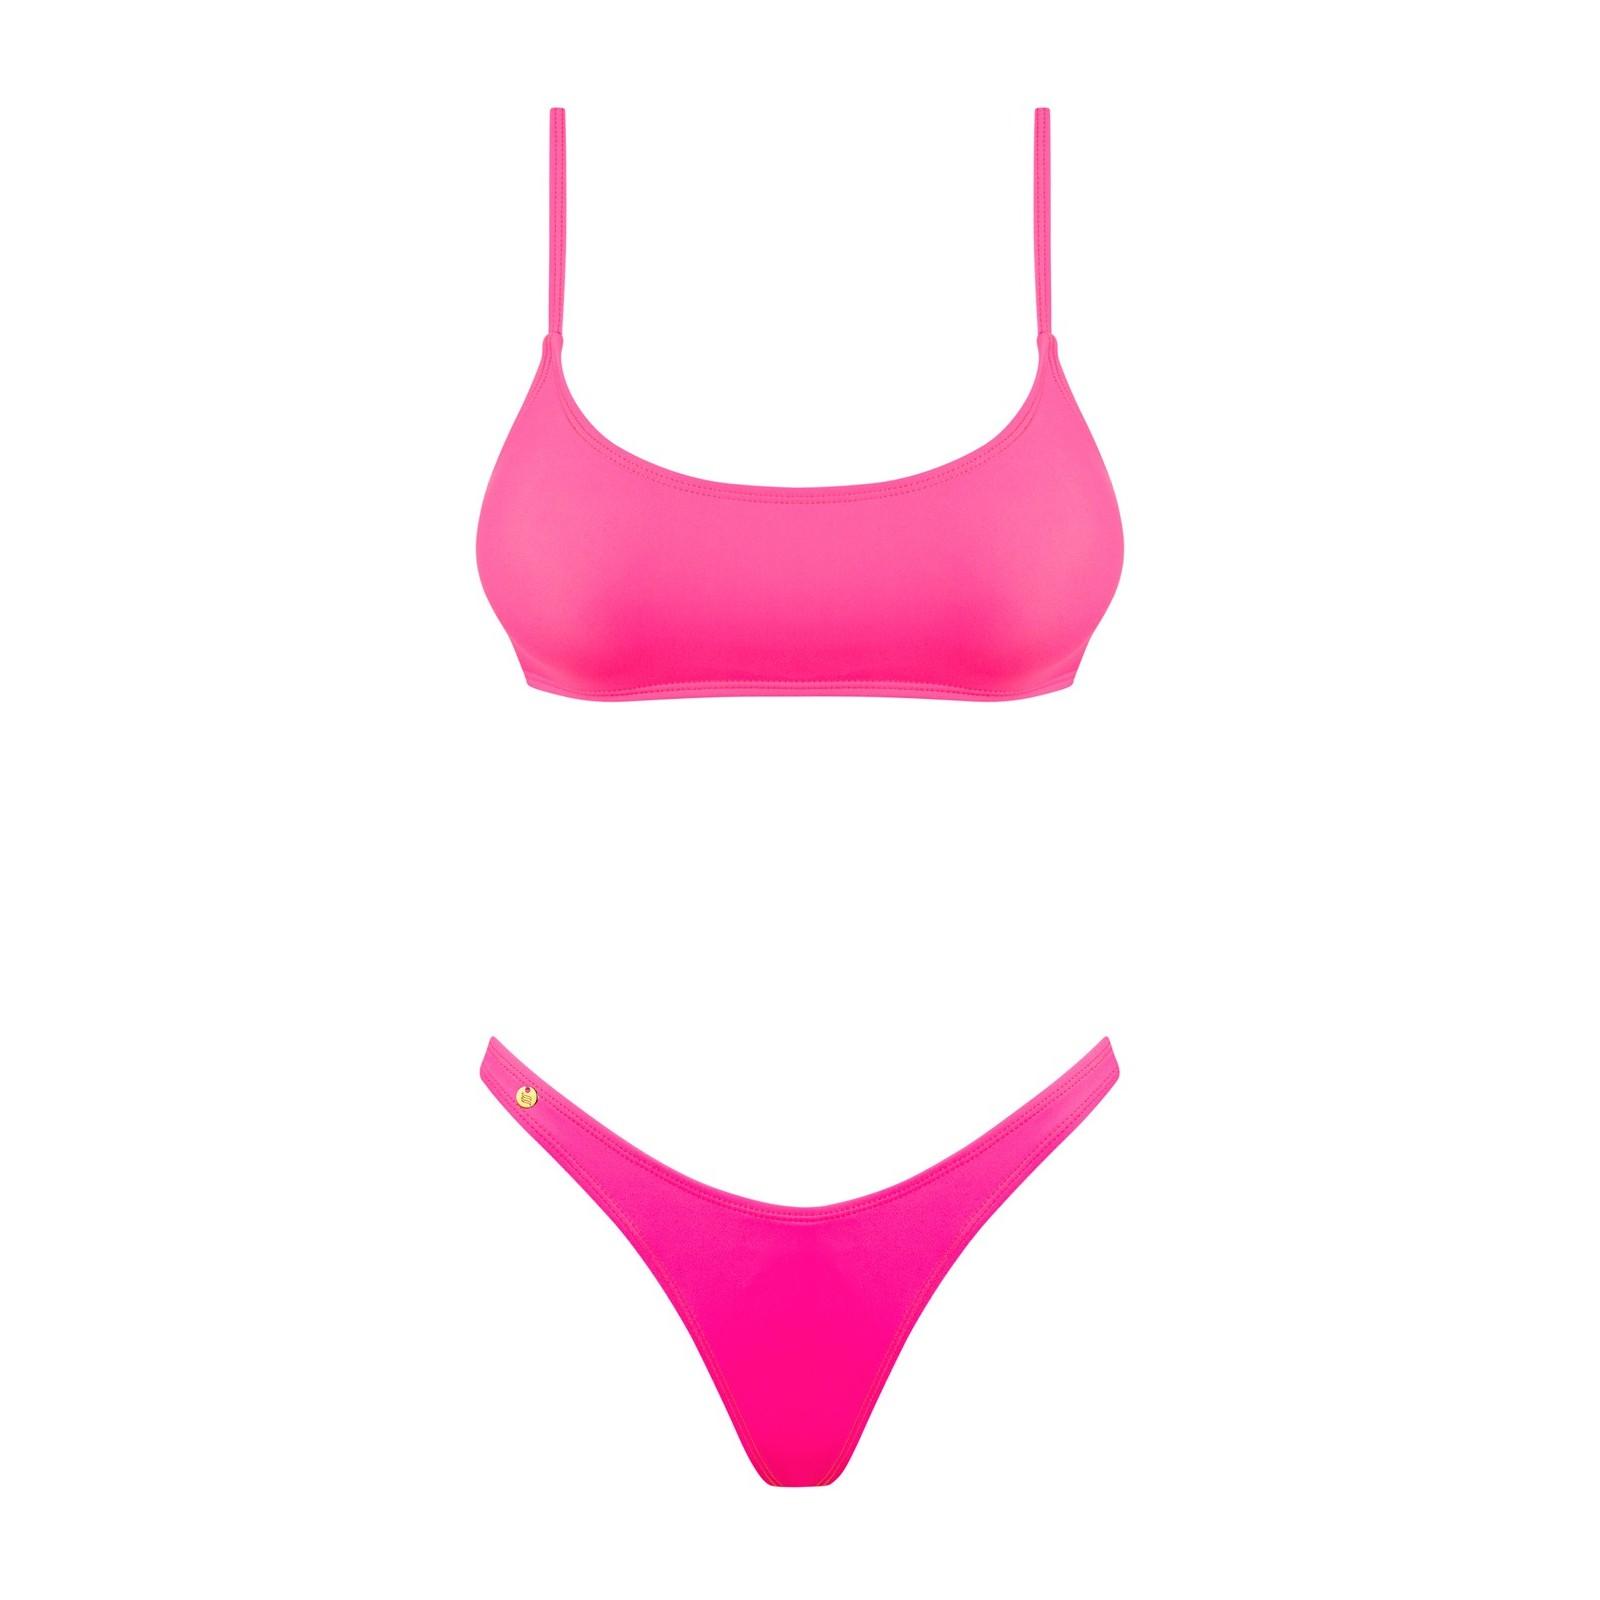 Bikini Mexico Beach neonpink - 3 - Vorschaubild